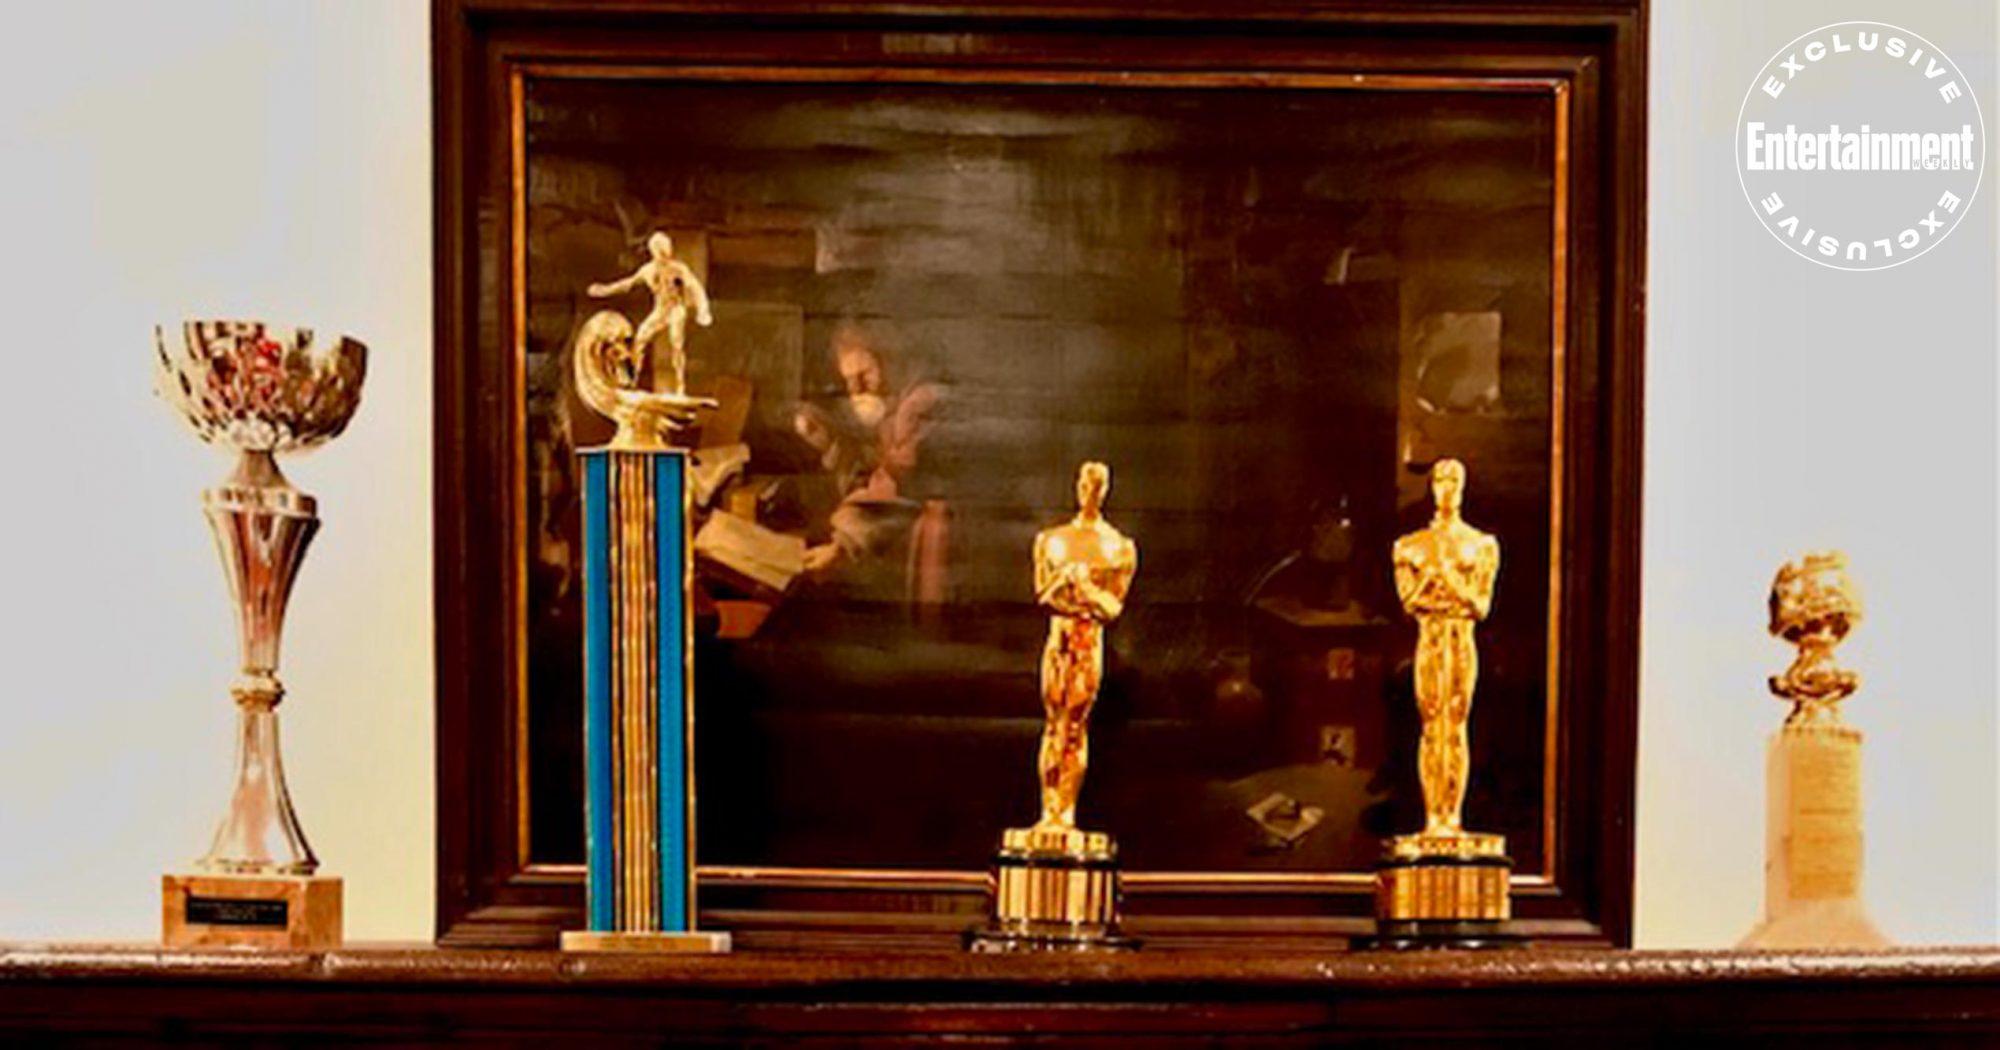 Geena Davis awards